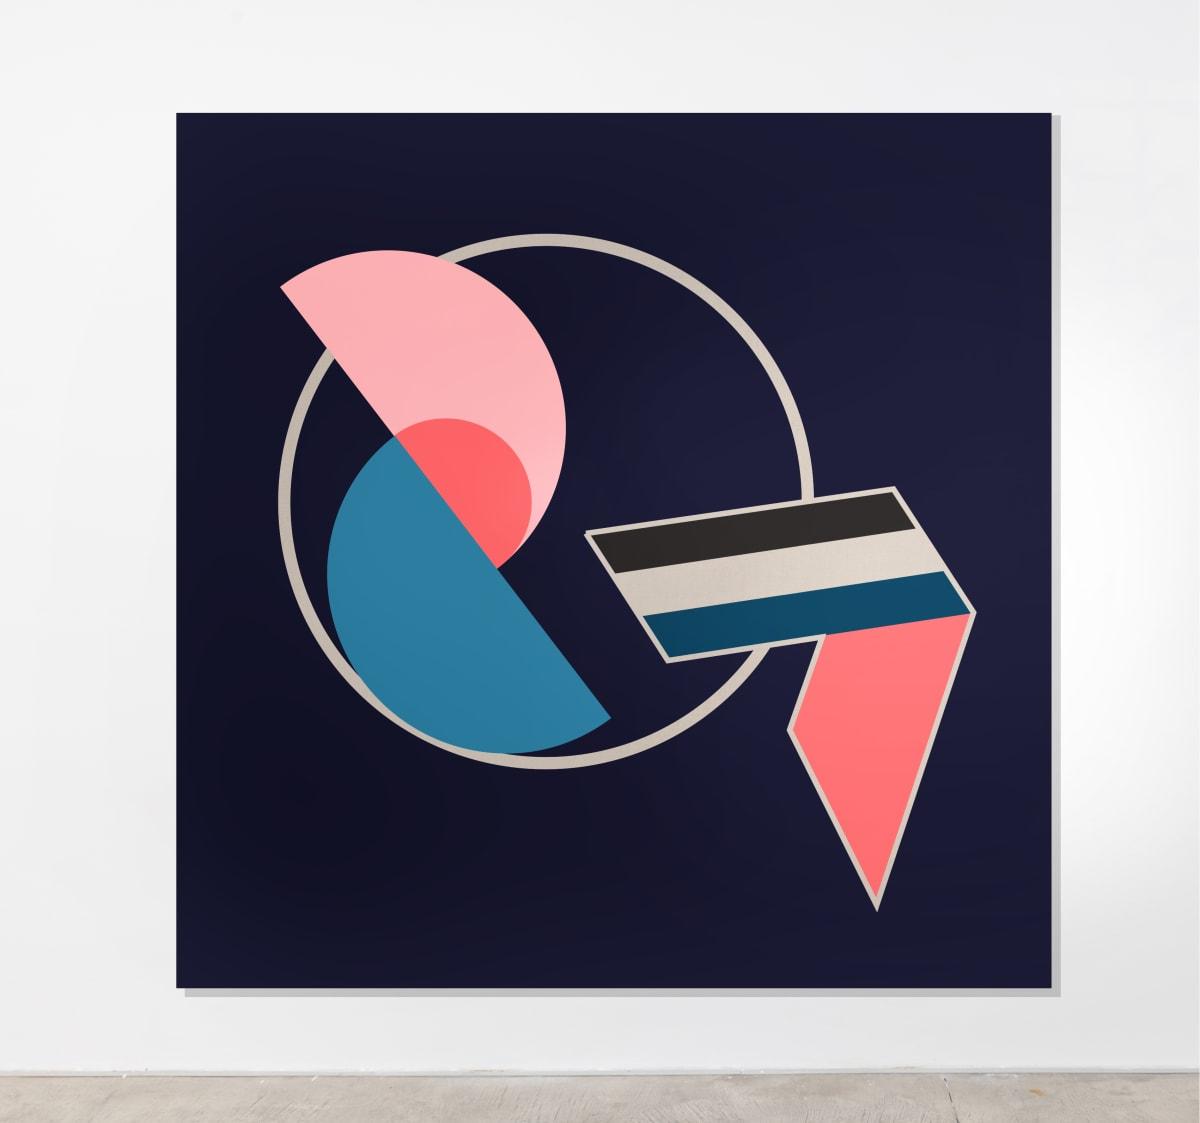 Sinta Tantra, Zenith Noon No.VII, 2017